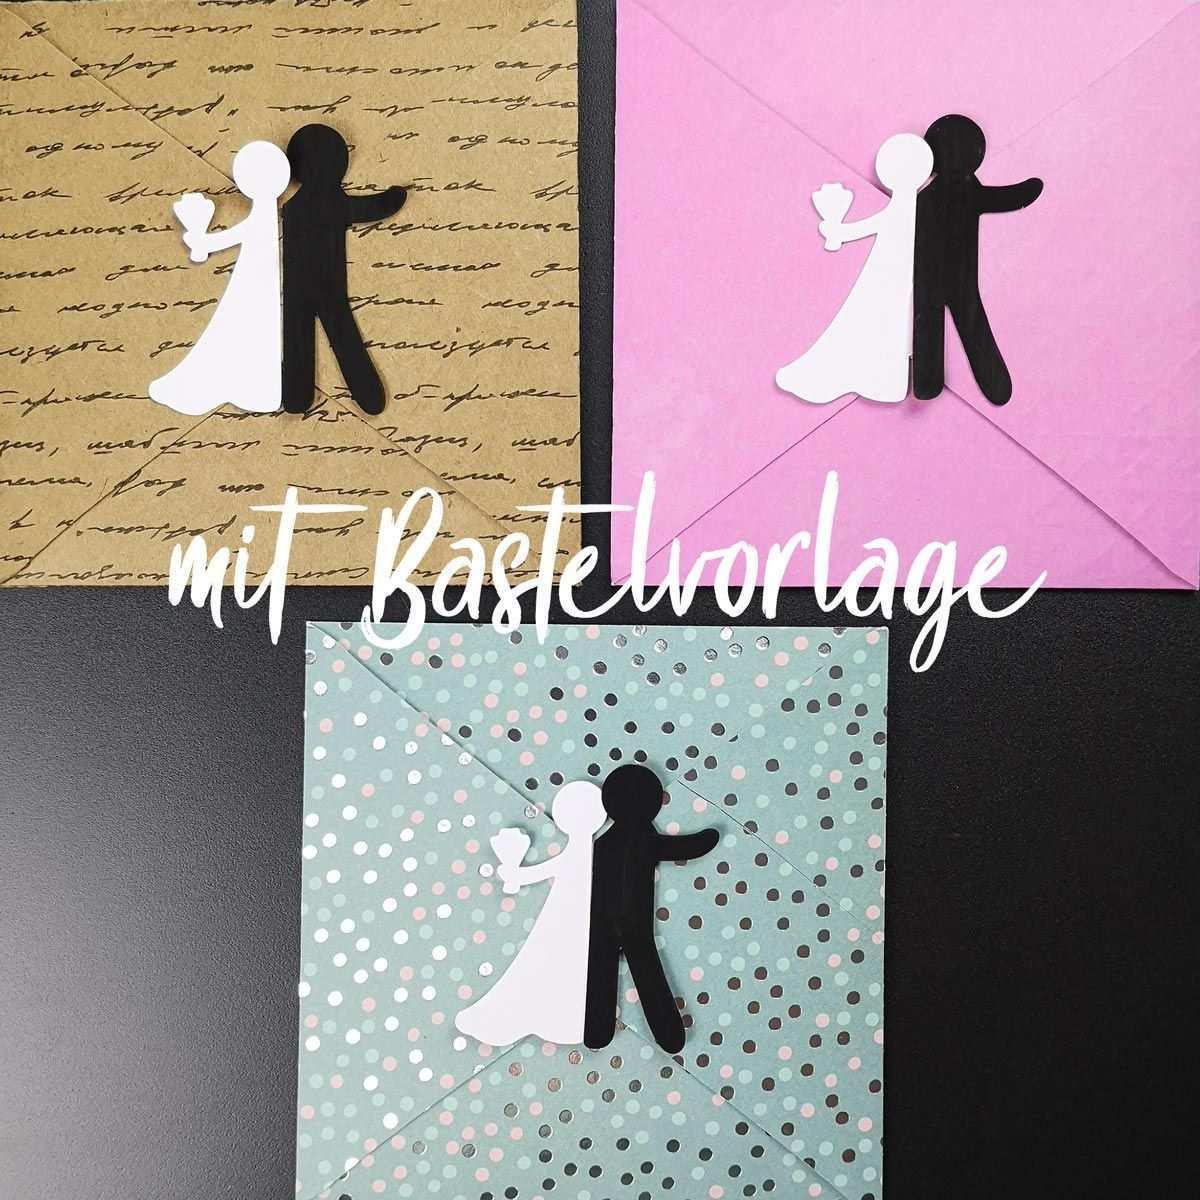 Bastelvorlage Plotterfreebie Fur Hochzeitskarte Mit Brautpaar Gluckwunschkarte Zur Hochzeit Mit Ei Gluckwunschkarte Gluckwunschkarte Hochzeit Karten Basteln